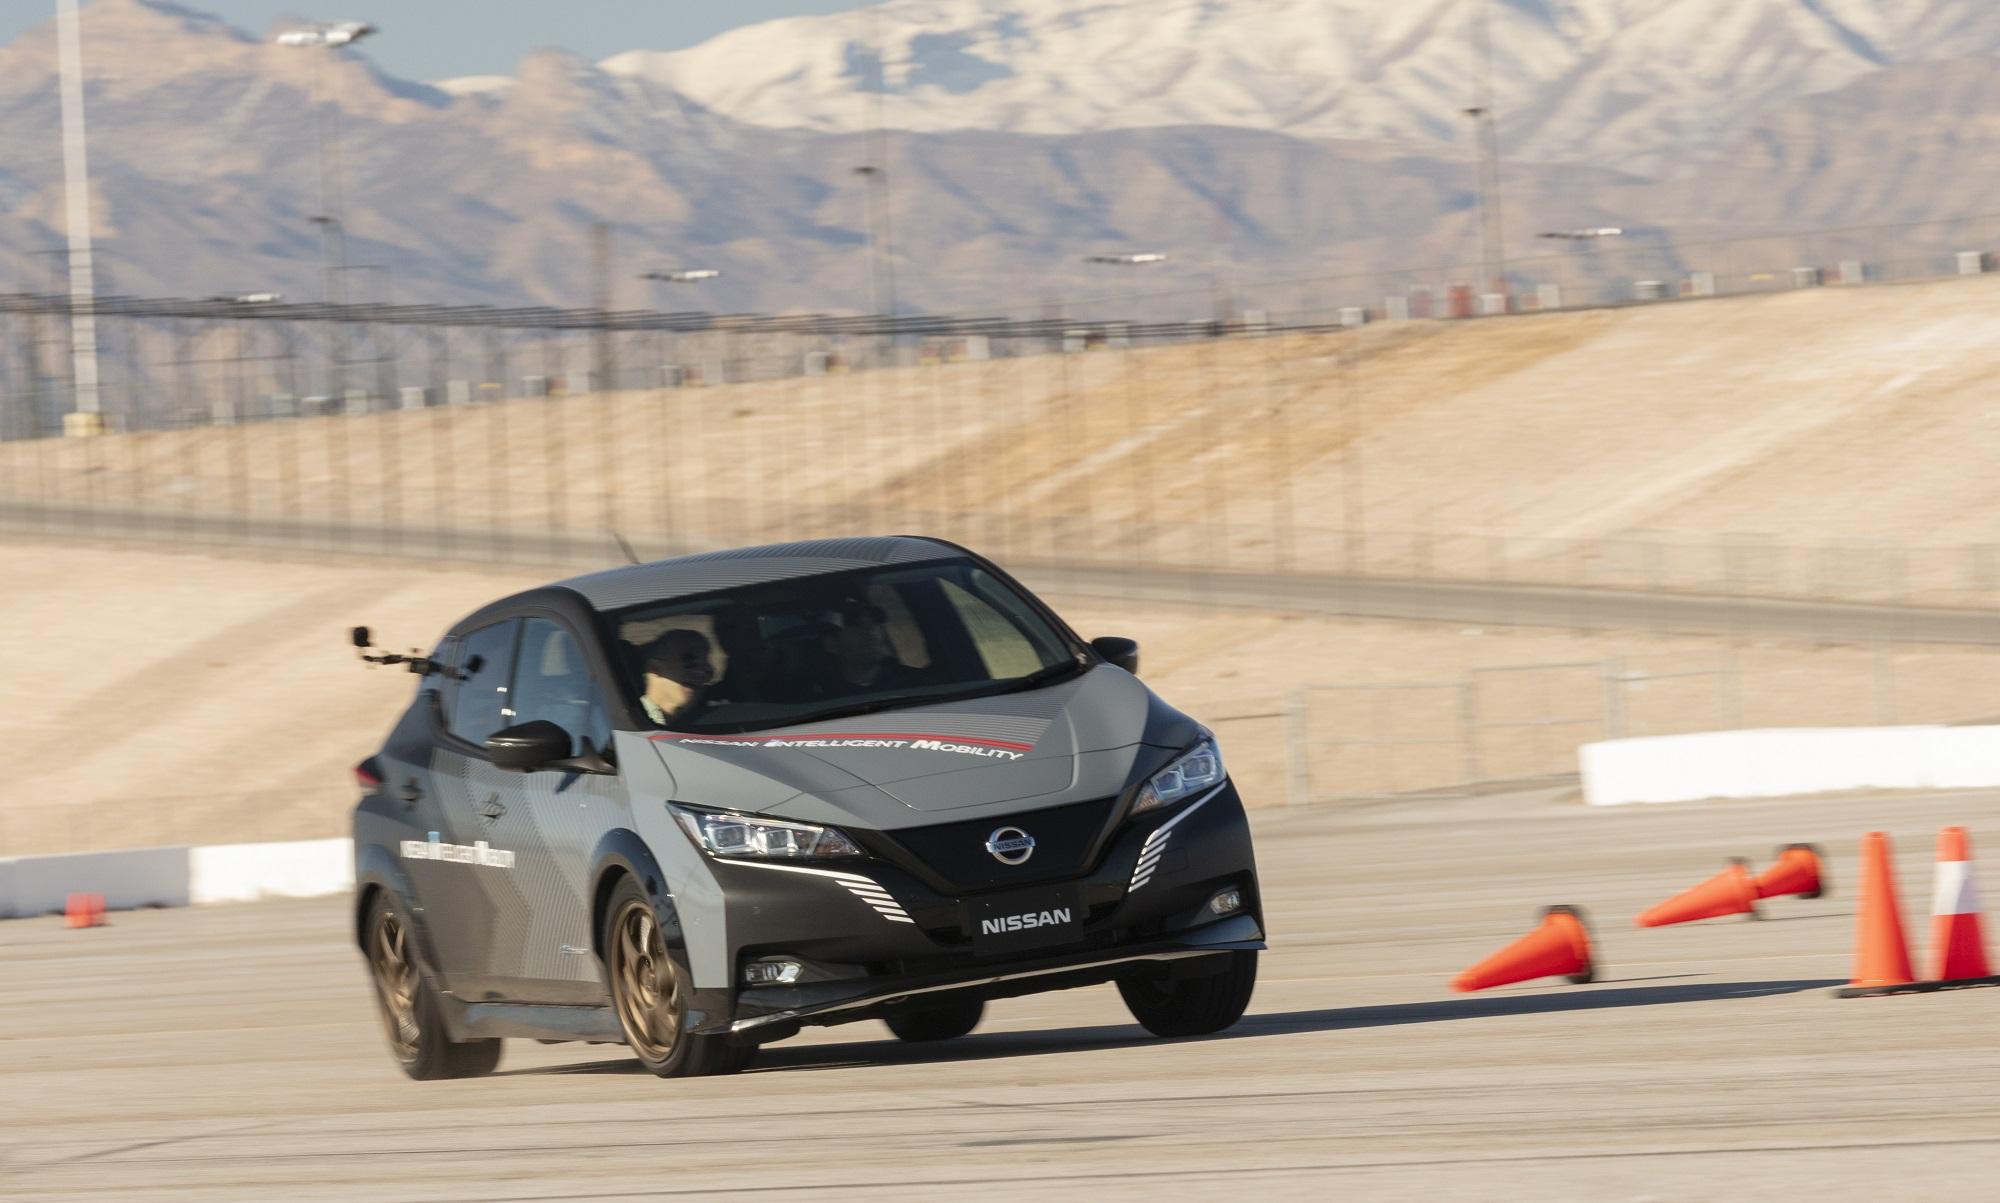 Nissan prichádza s revolučným elektrickým pohonom všetkých kolies